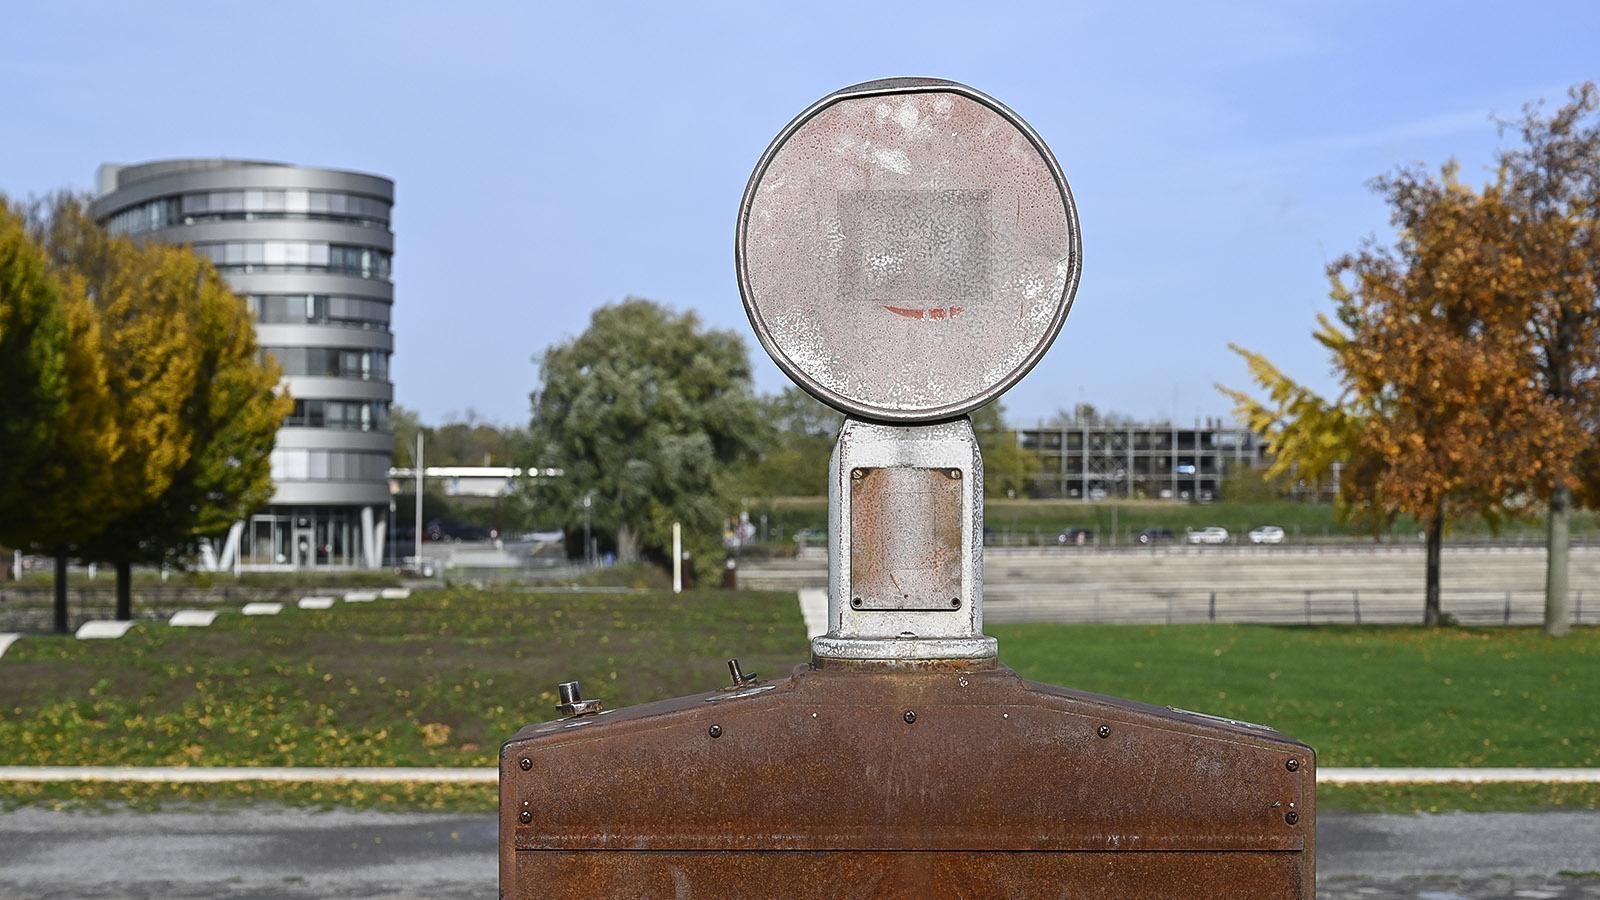 Duisburg: Altes Industrieerbe im Garten der Erinnerung. Foto: Hilke Maunder